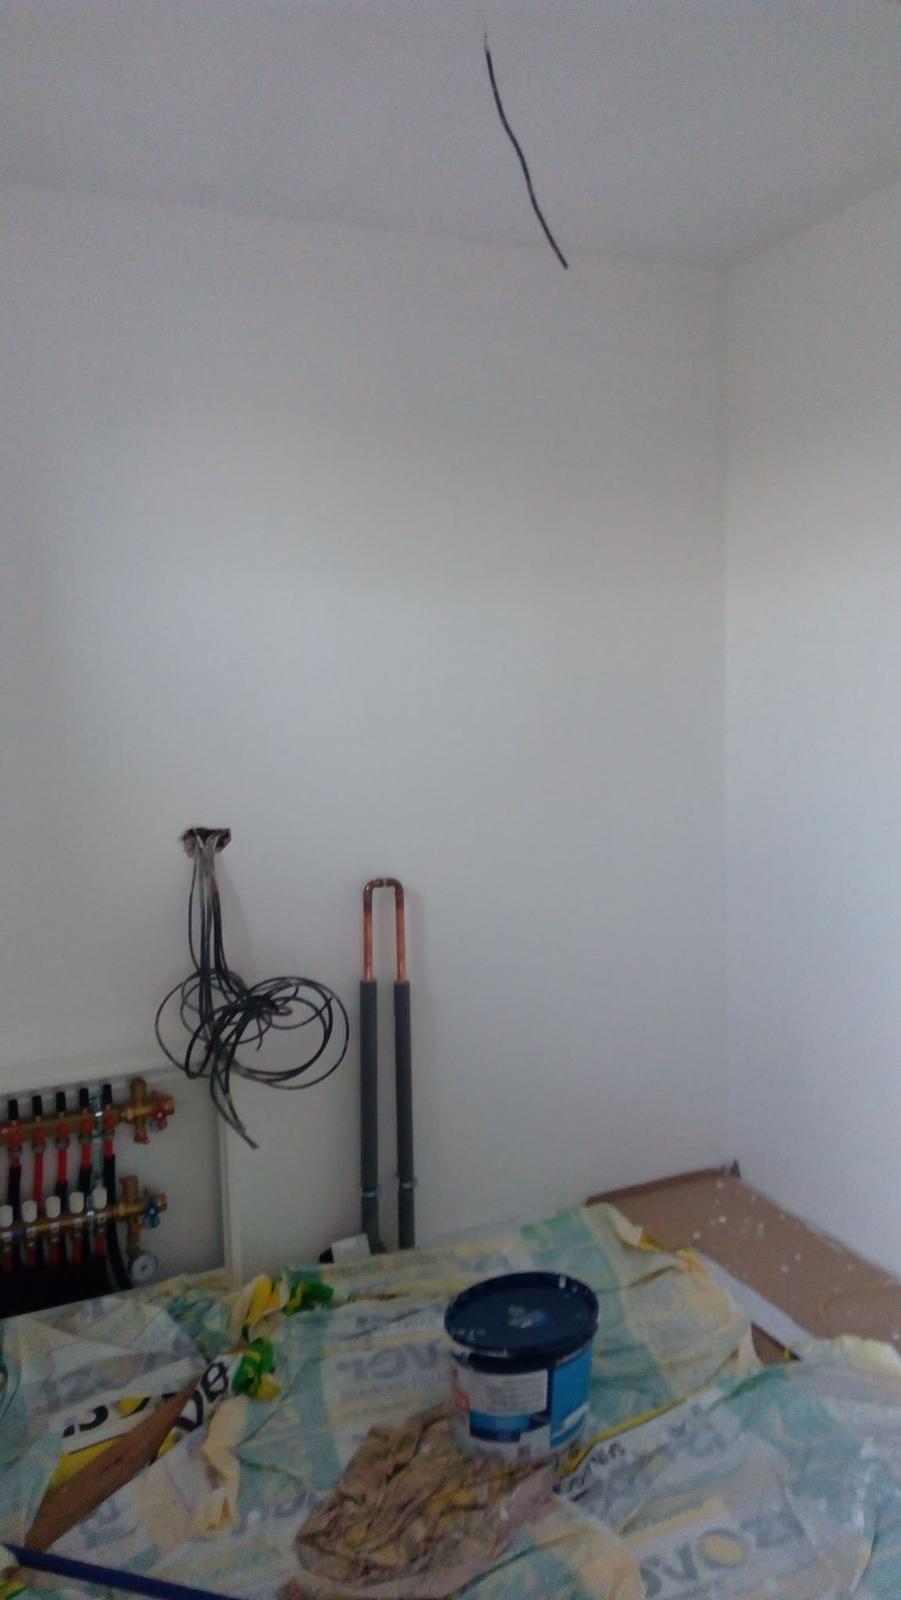 Náš vysněný domov :-) - první místnost vymalovaná - technická. A o víkendu pokládka dlažby